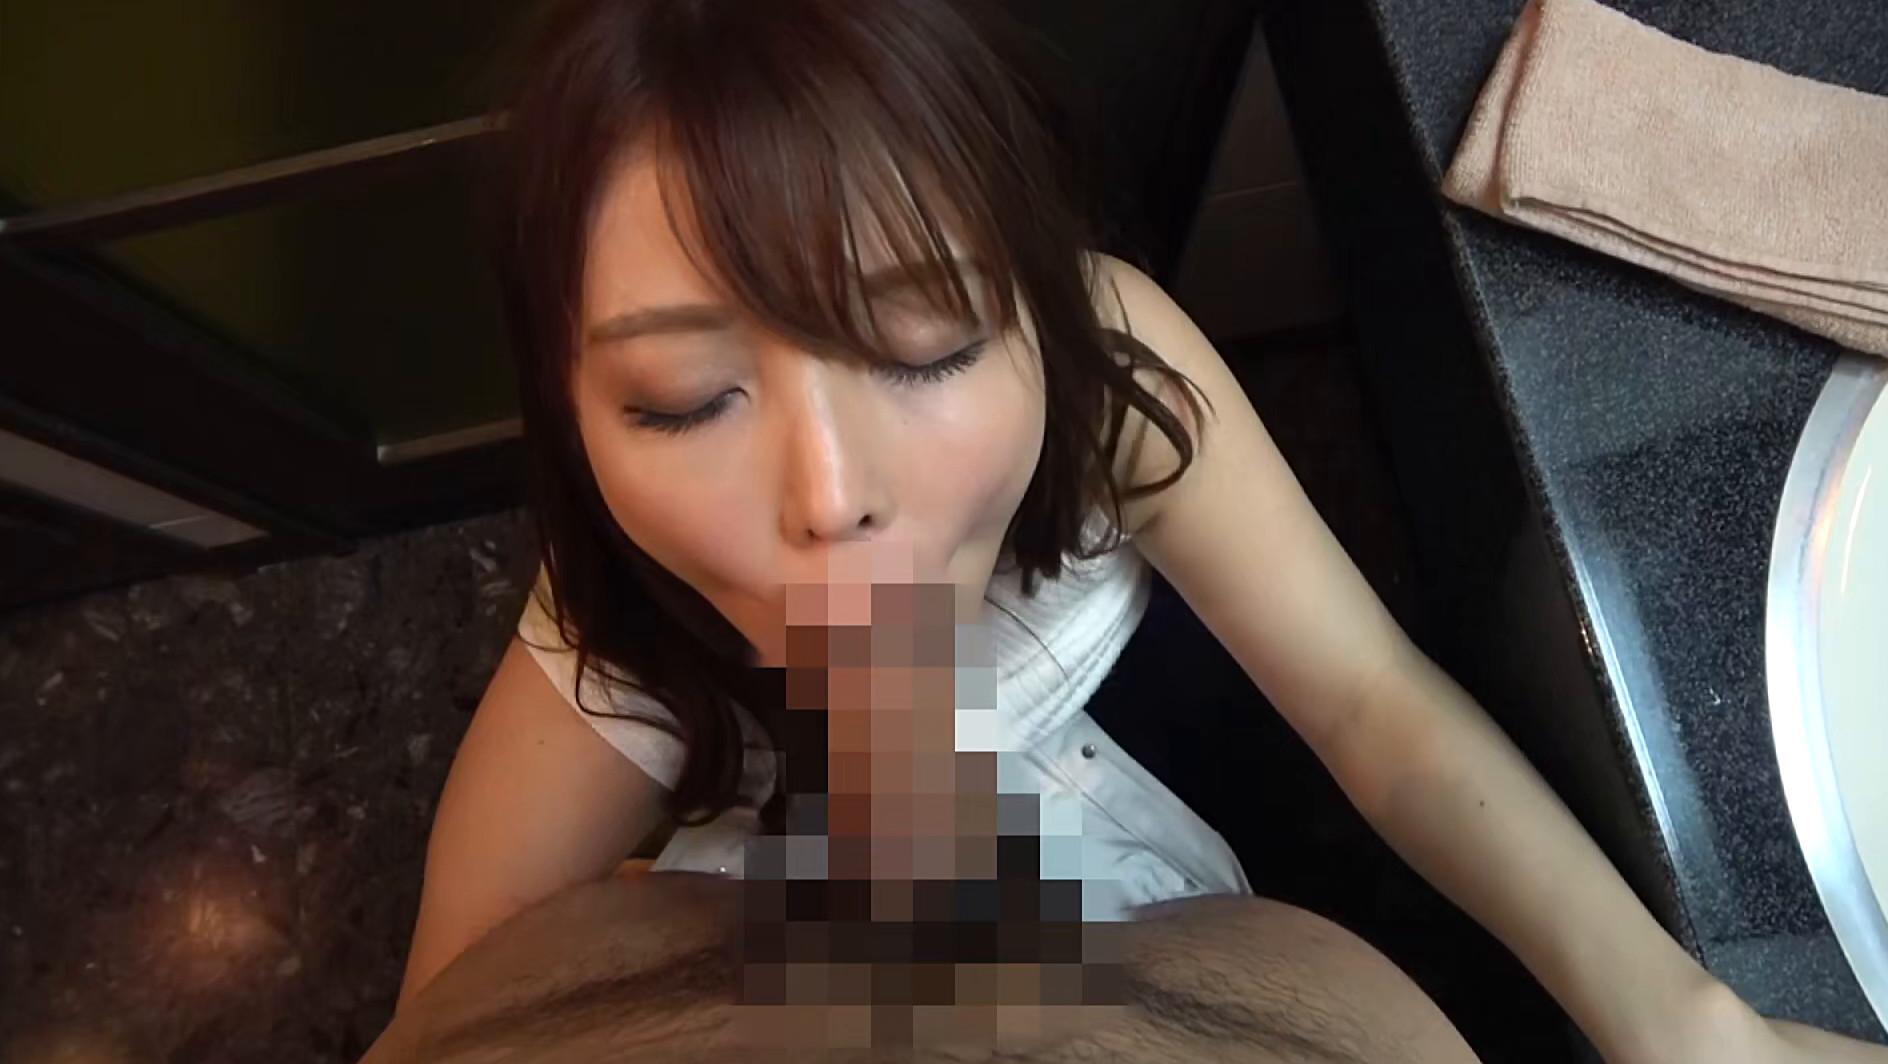 浮気に目覚めた人妻がホテルで浮気相手と濃厚SEX,のサンプル画像5